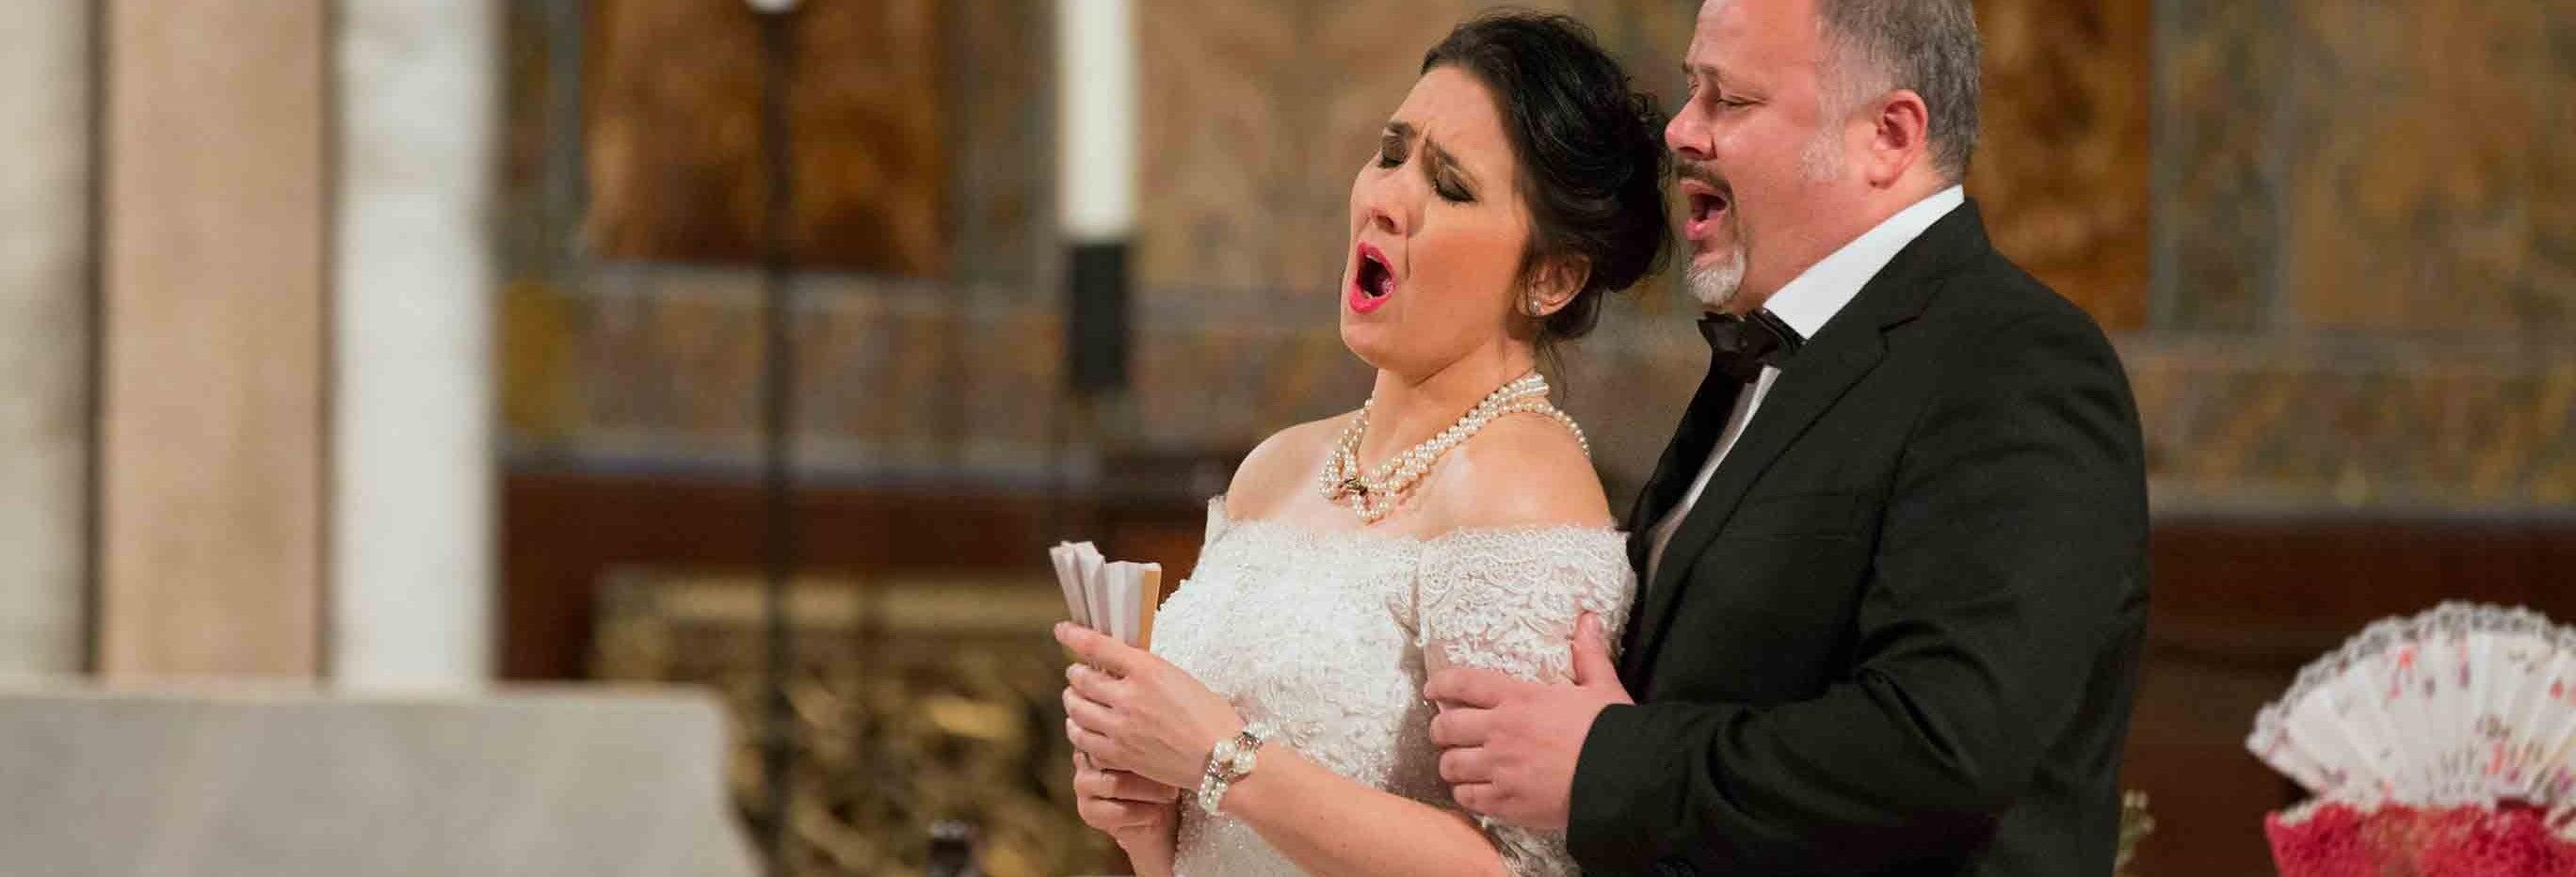 La Traviata com balé na igreja de São Paulo Intramuros